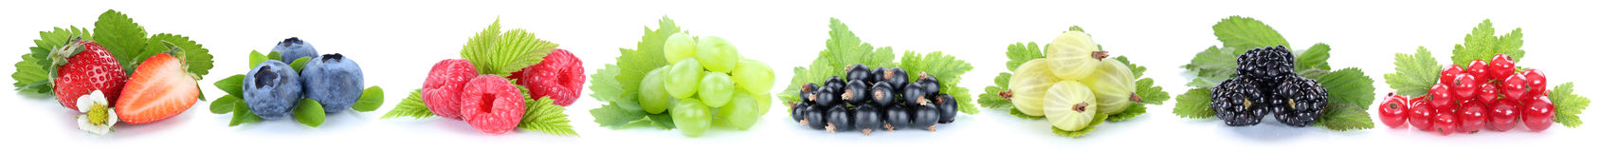 Samling av röda blåbär för jordgubbar för druvor för bärfrukter royaltyfri fotografi